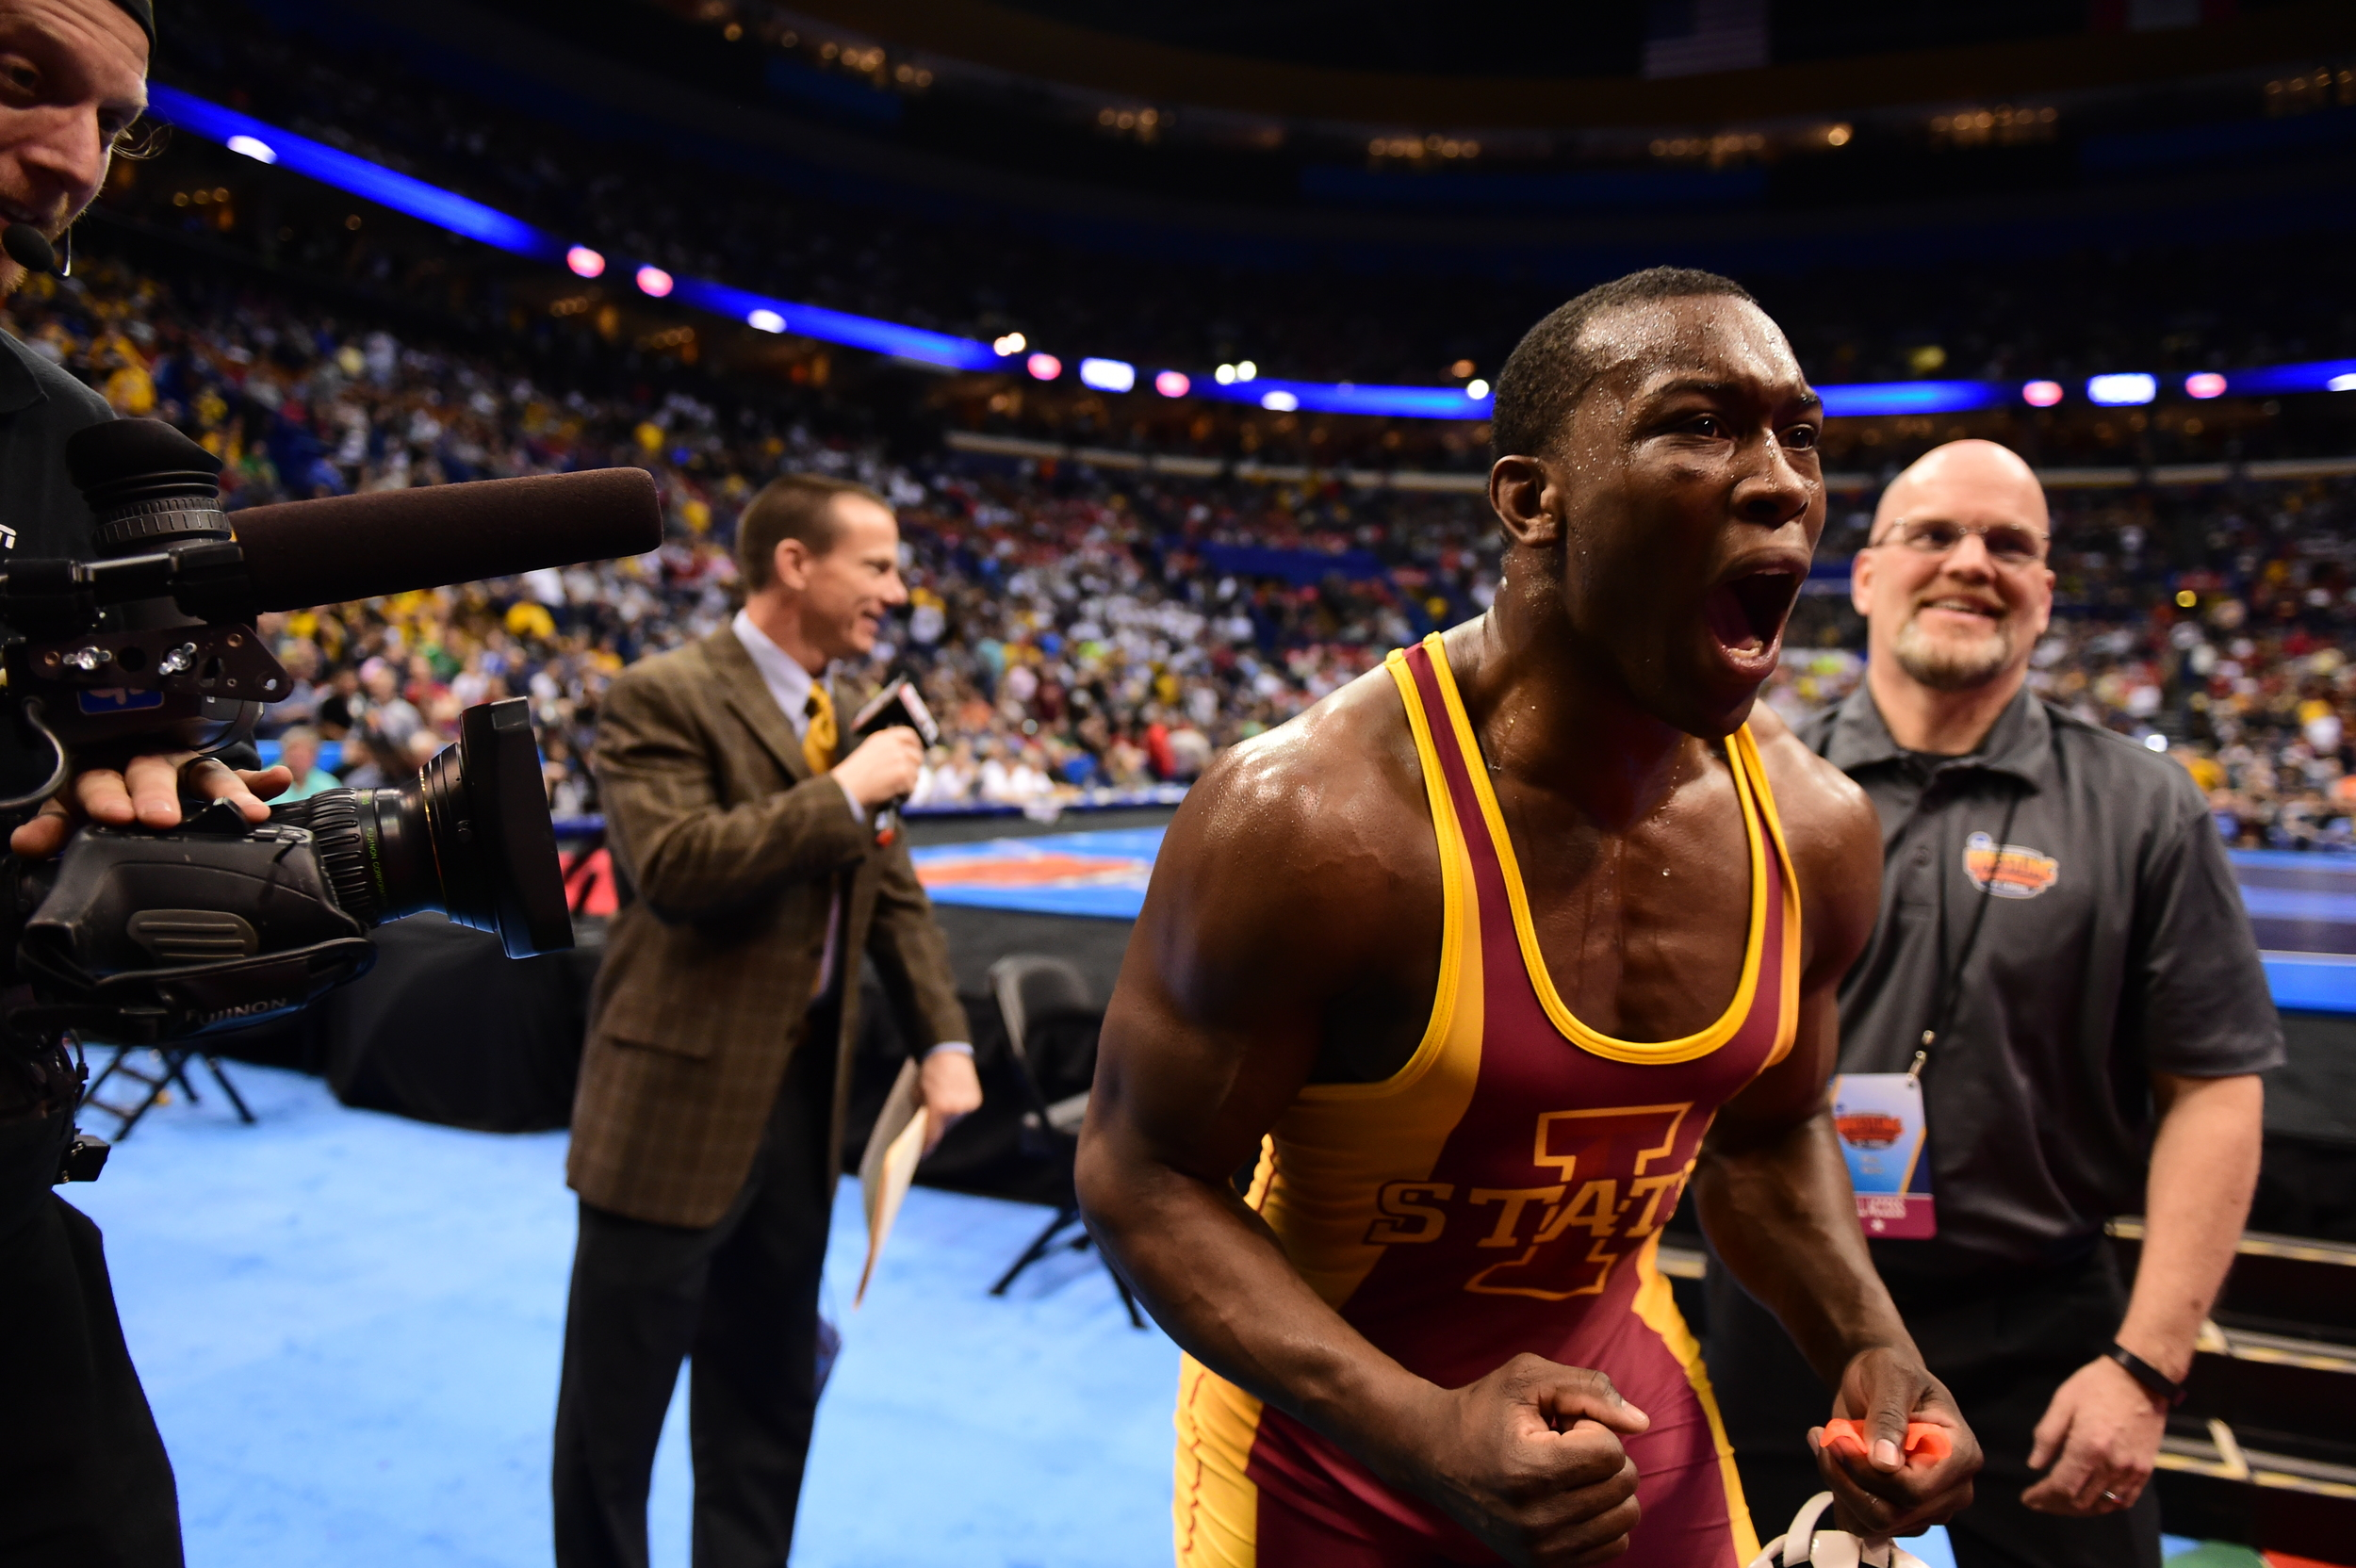 Image courtesy of ESPN IMAGES